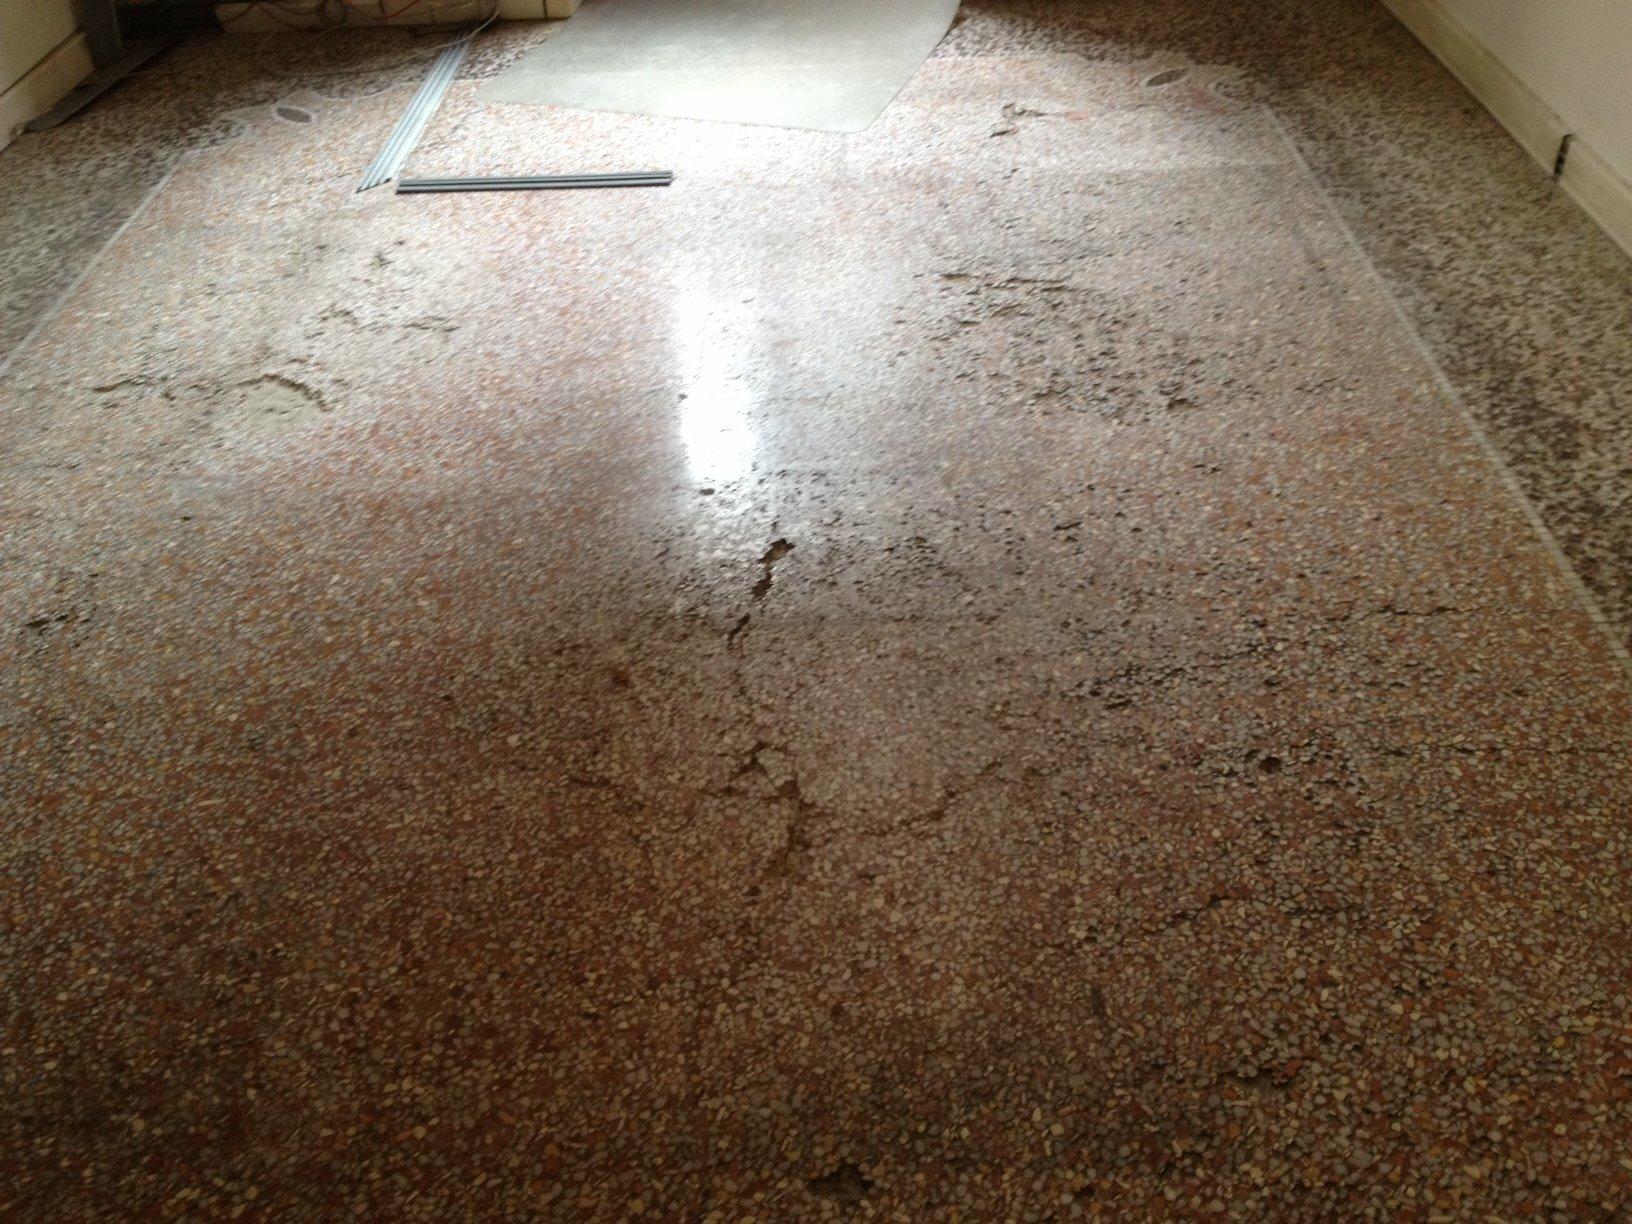 Nuovo pavimento su quello esistente - Incollare piastrelle su pavimento esistente ...